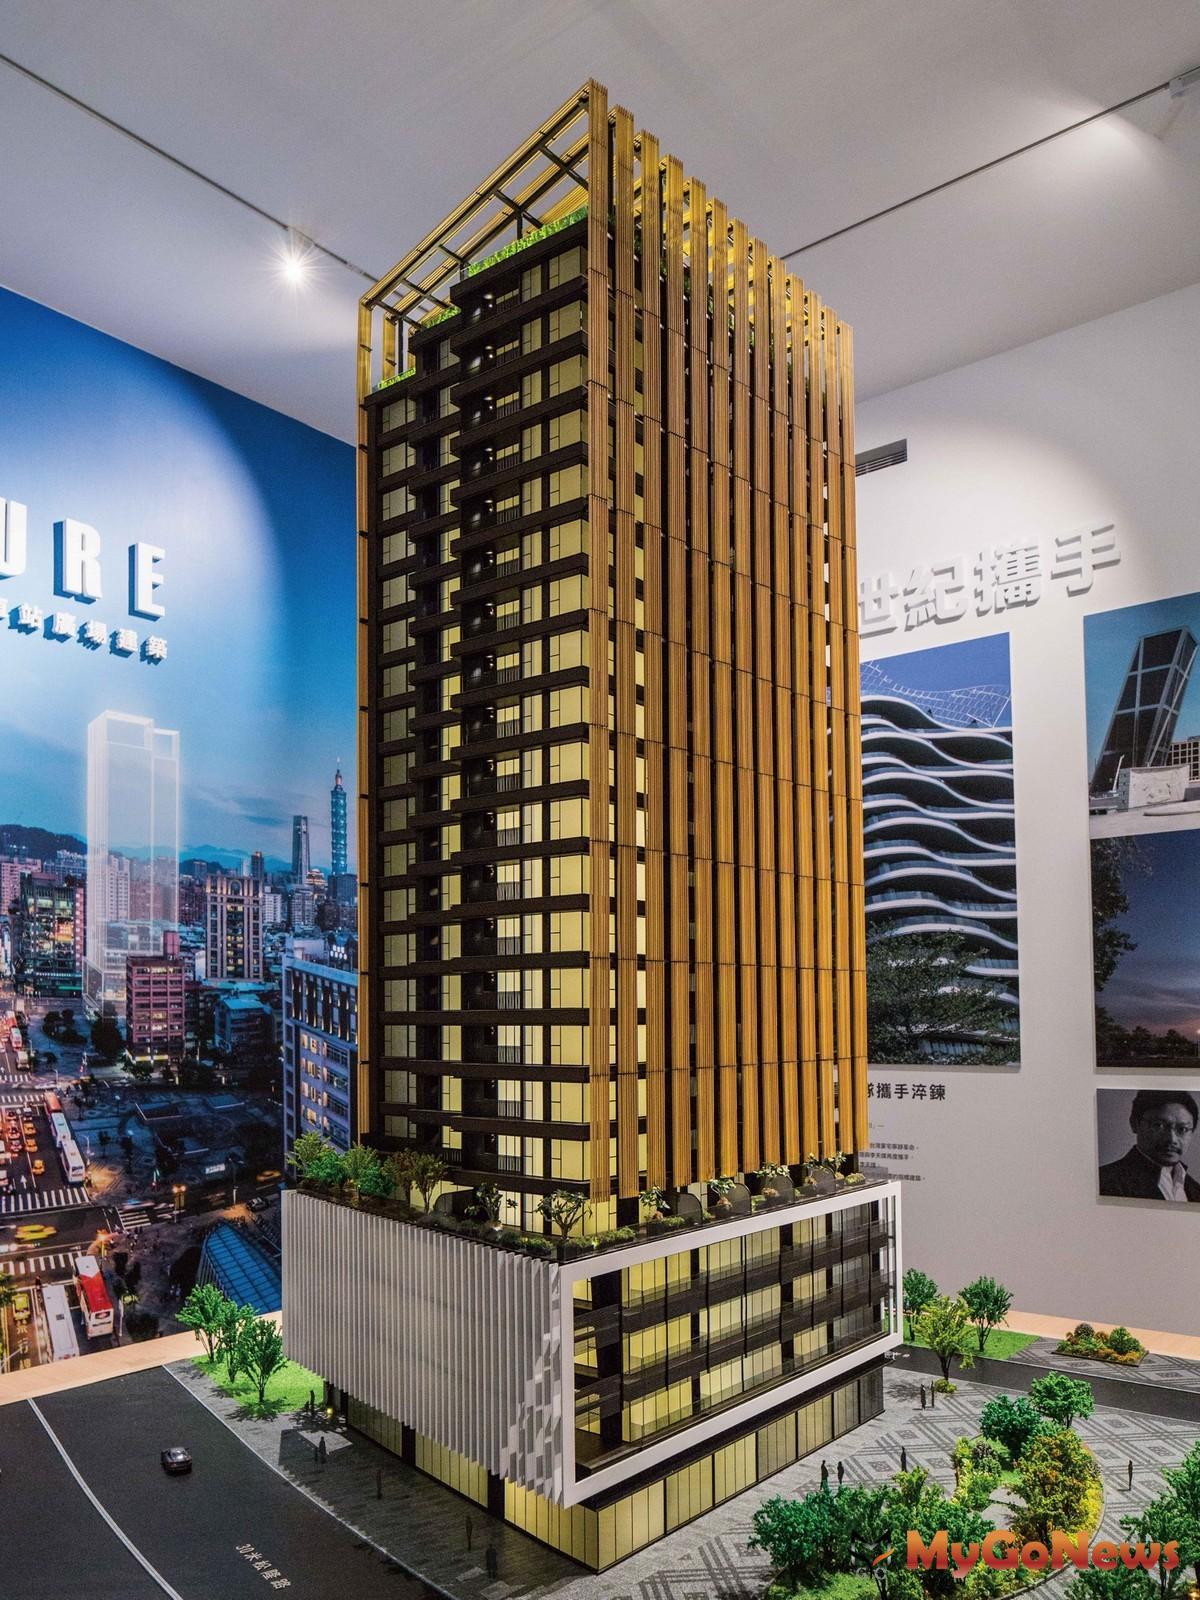 信松廣場建築模型。(圖/業者提供) MyGoNews房地產新聞 熱銷推案